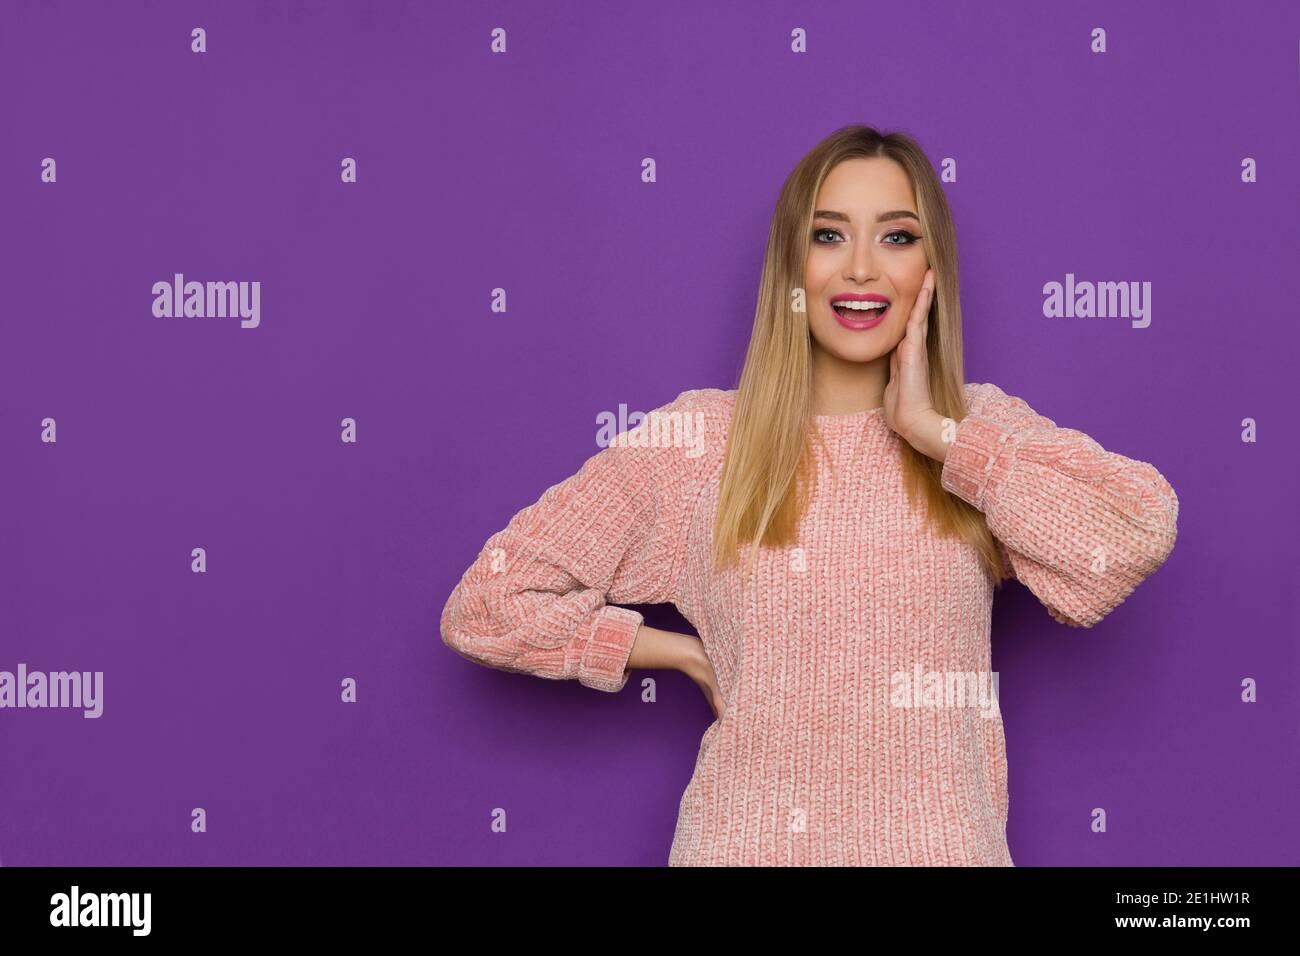 Une jeune femme surprise en chandail rose tient la main sur la joue, regarde la caméra et parle. Vue avant. Taille haute, prise en studio sur fond violet. Banque D'Images